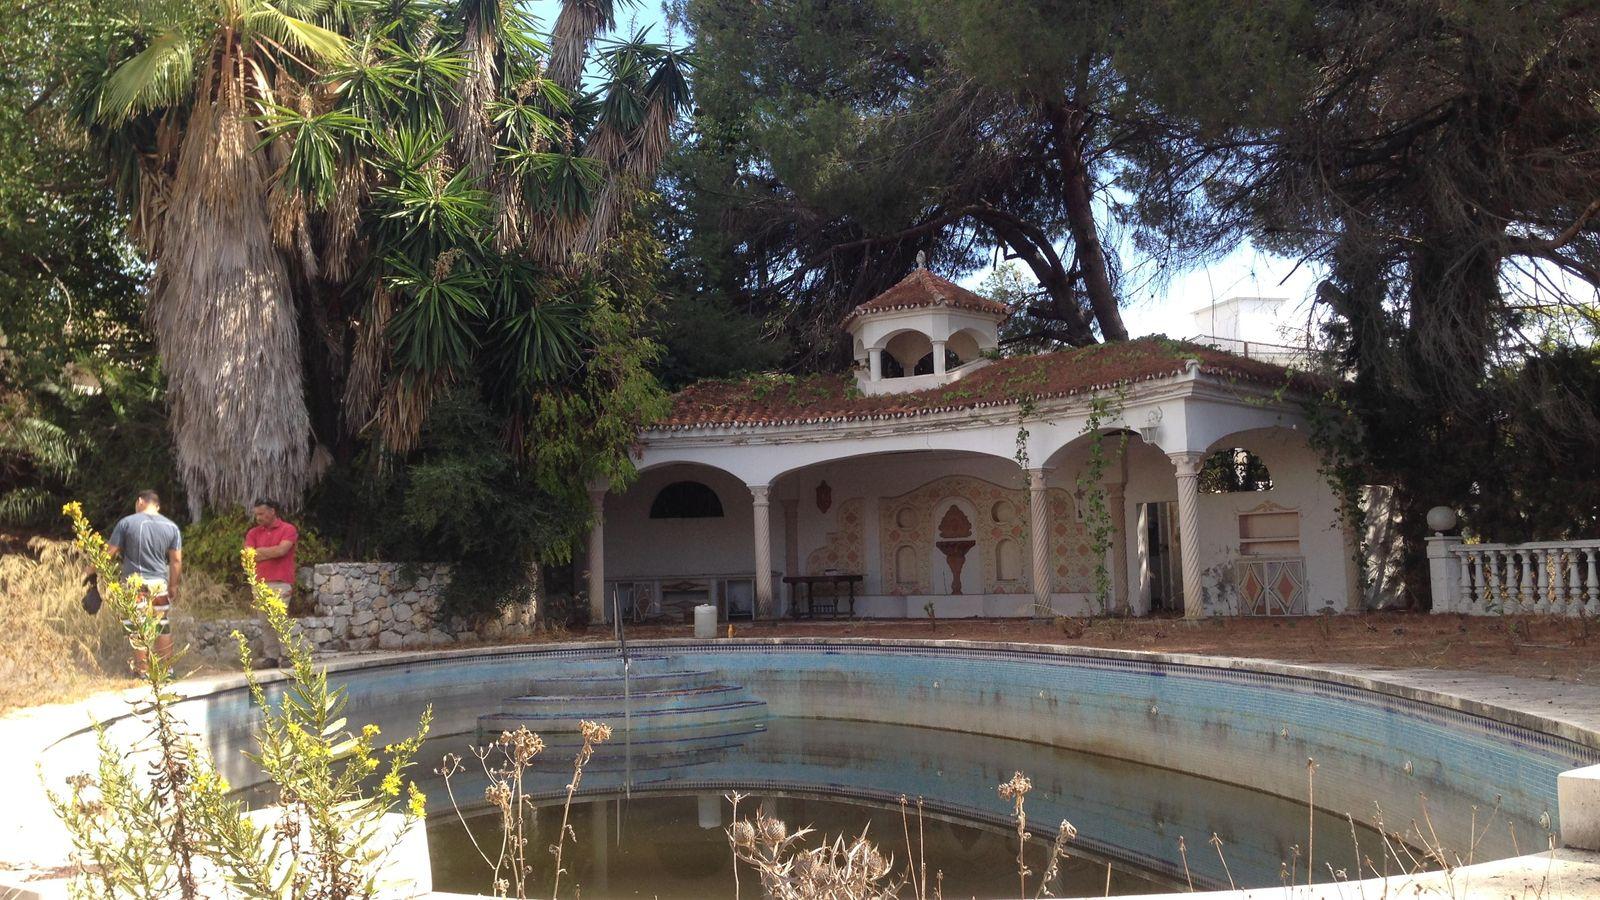 Crisis de los refugiados tres familias de refugiados okupan el palacio de la princesa soraya en - Casas de famosos en espana ...